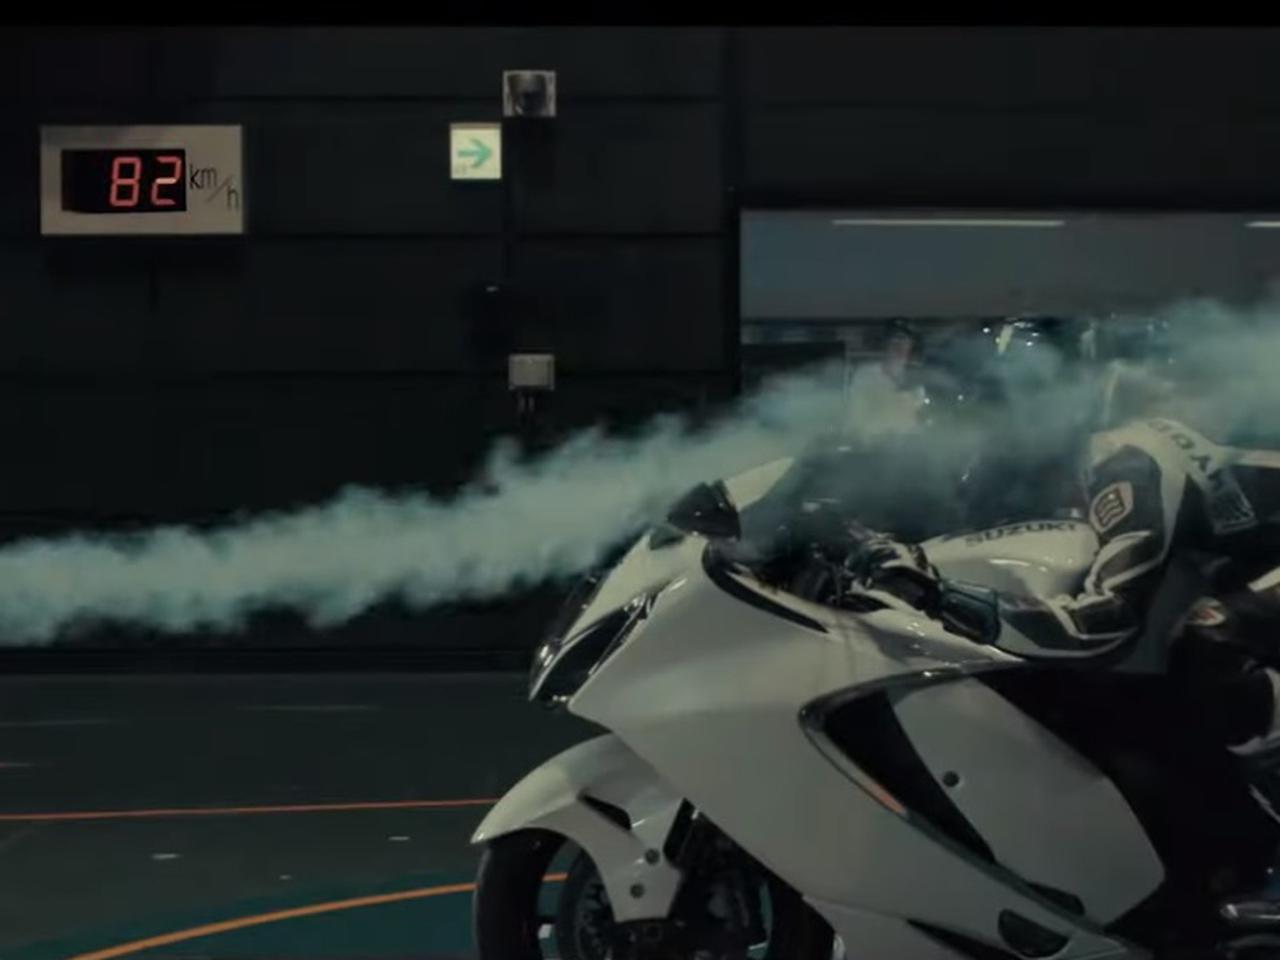 画像: 【おすすめ動画】ターボも、6気筒も、大排気量も全部やった。そのうえで新型ハヤブサは1340cc/190馬力を選んだ! 続々と衝撃事実が明らかに!? - スズキのバイク!